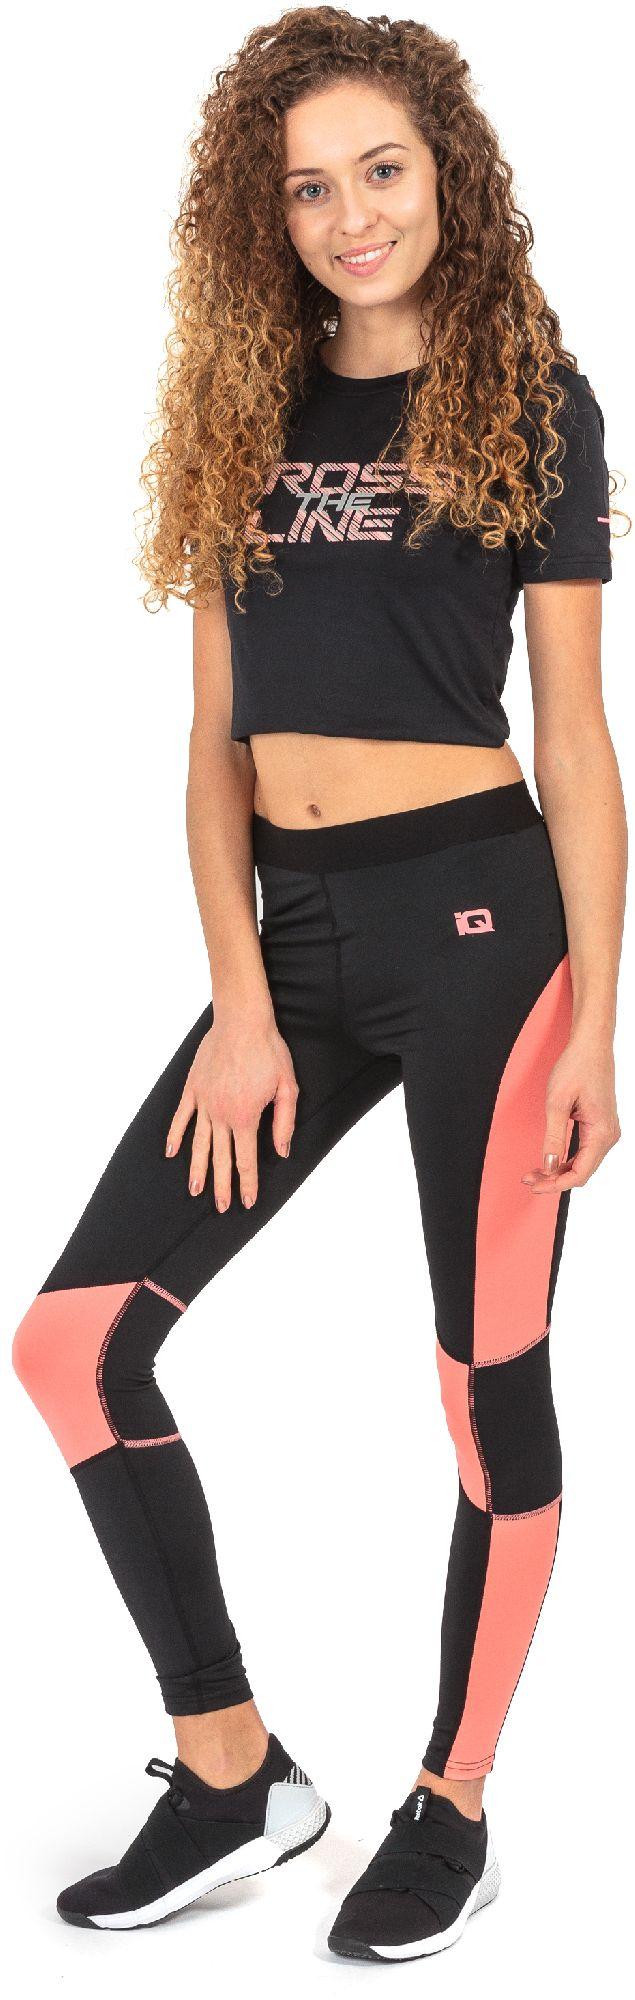 IQ Damskie legginsy Eirene Wmns Black/shell Pink r. L 5901979111238